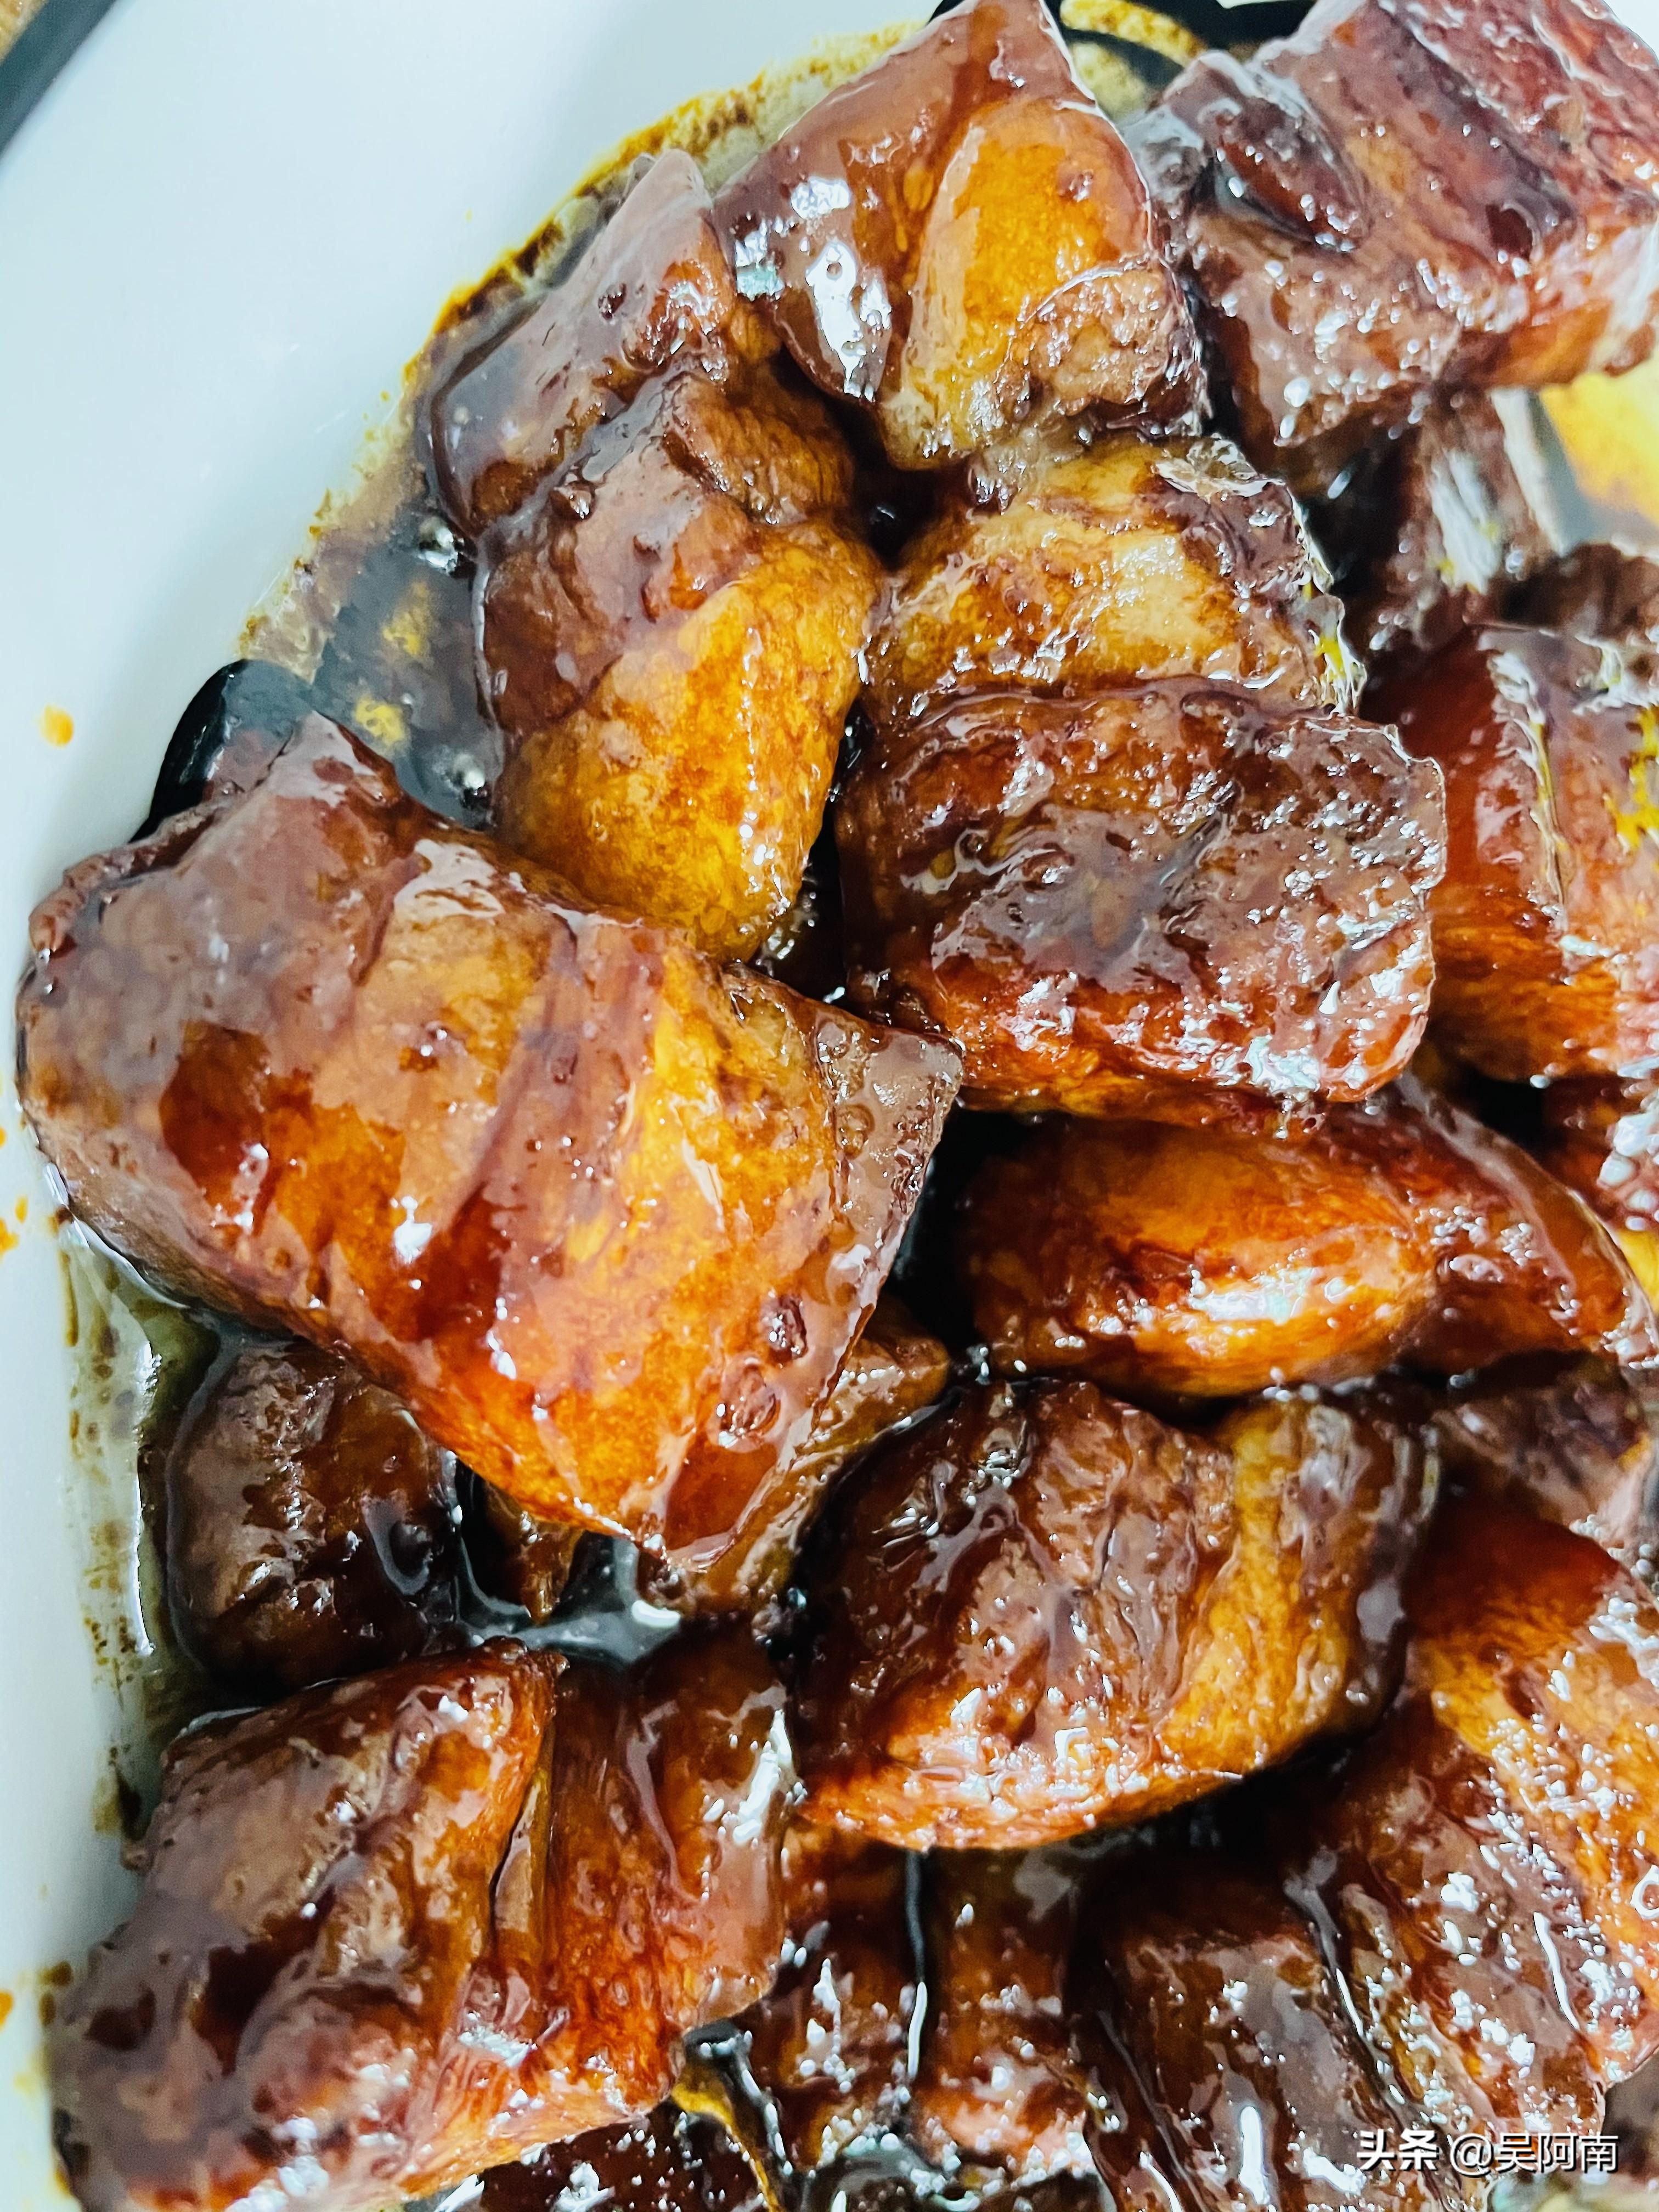 红烧肉入口即化,番茄汤酸爽可口,3荤1素的晚餐,备受老婆好评 美食做法 第9张